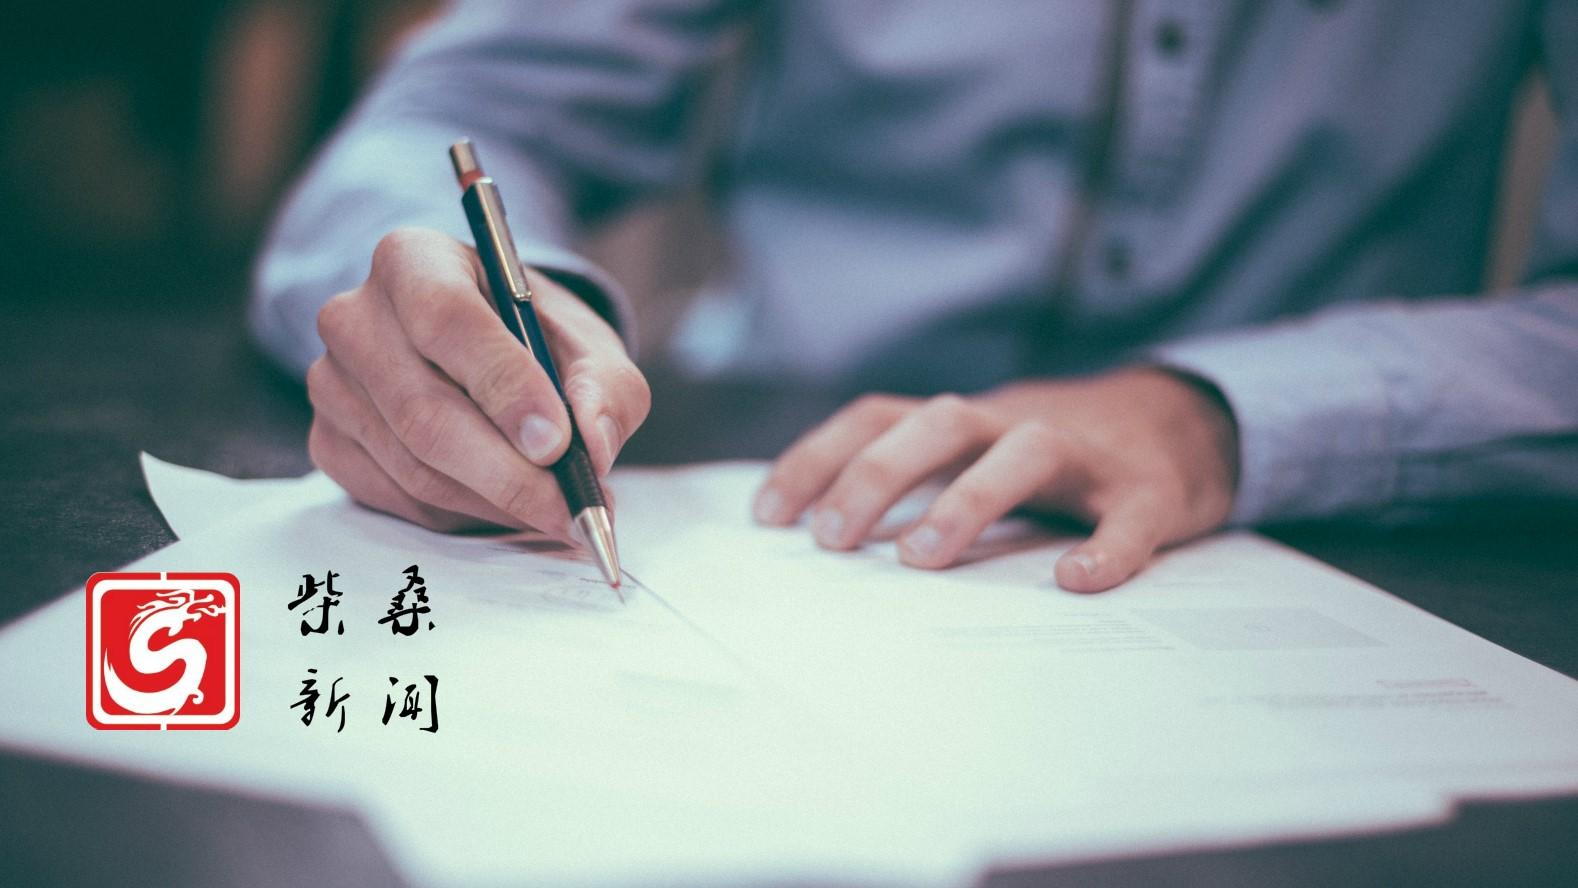 【柴桑新闻】柴桑公仁、携手共进、合作双赢 ——柴桑律所与公仁律所达成战略合作